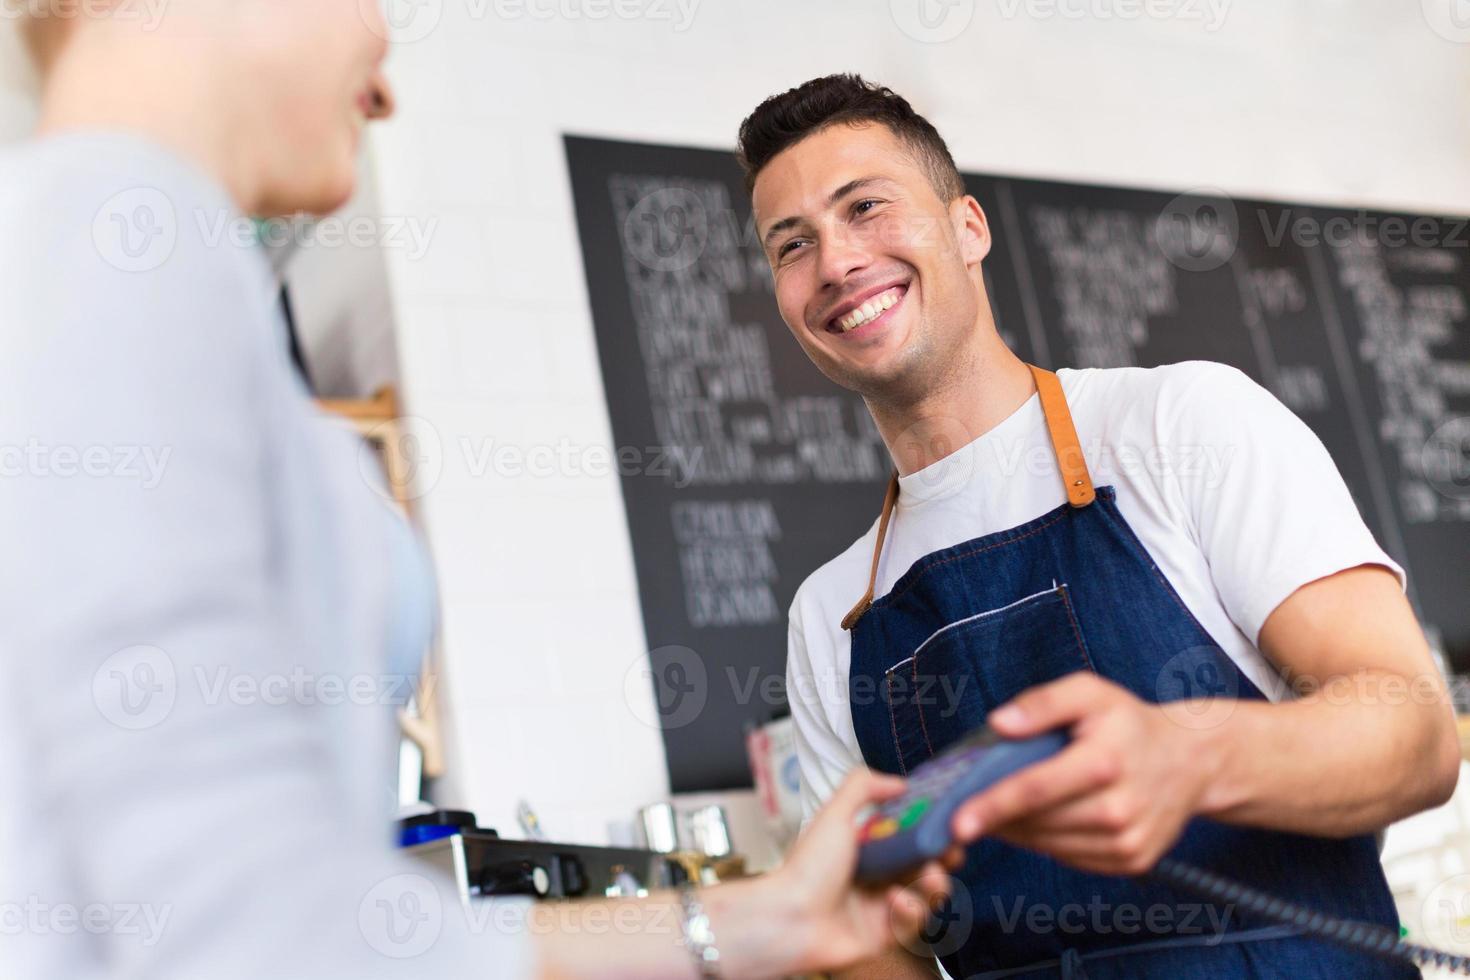 vrouw betalen voor koffie foto